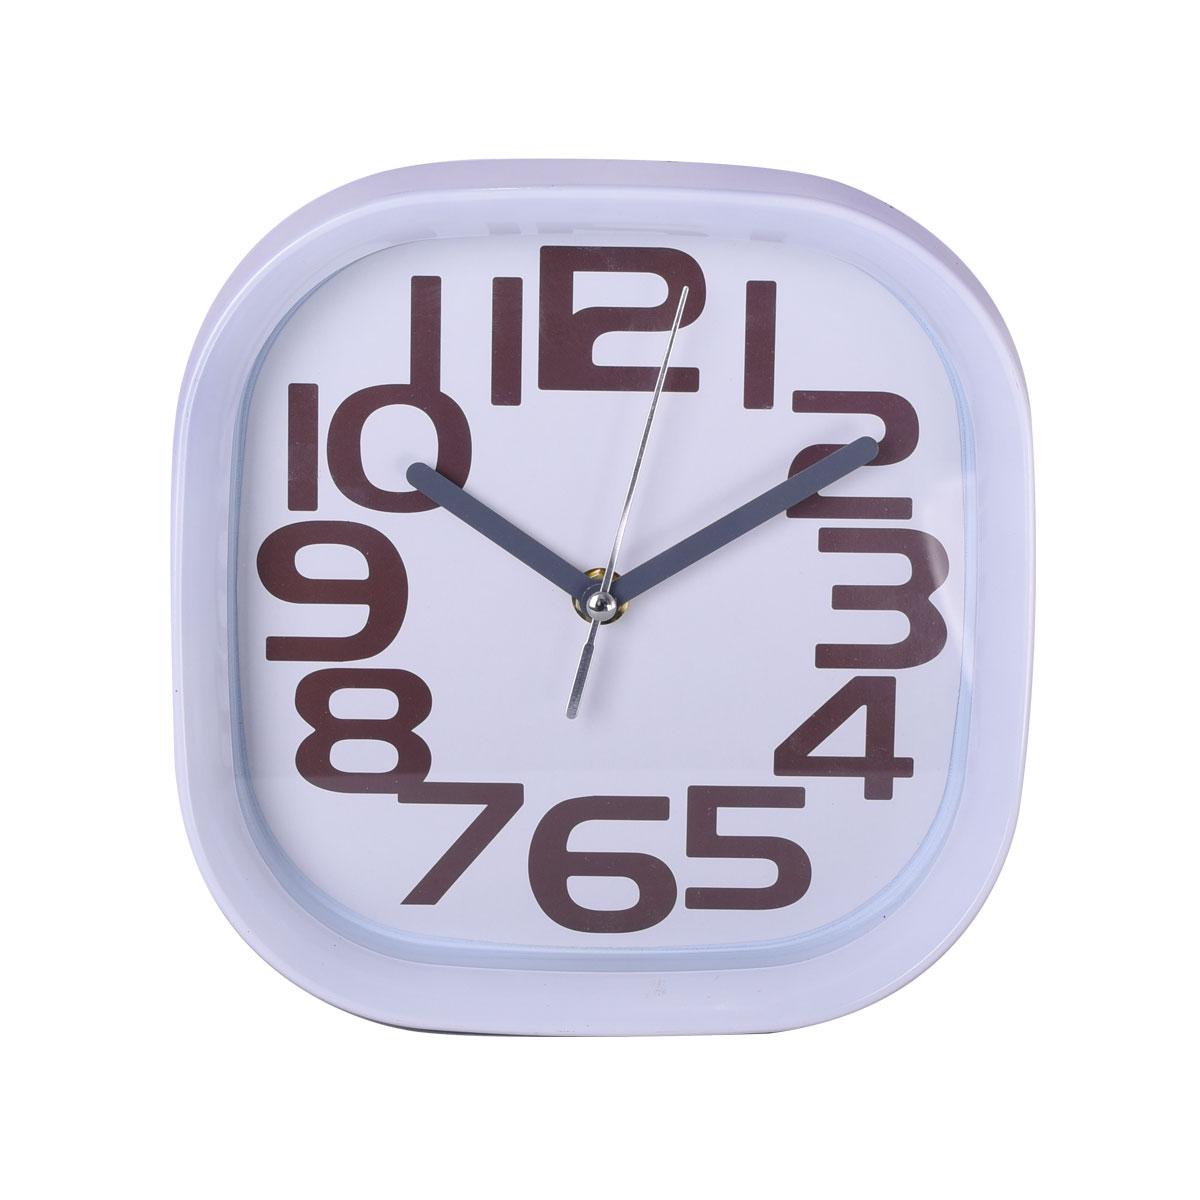 ساعة حائط شكل مربع لون ابيض